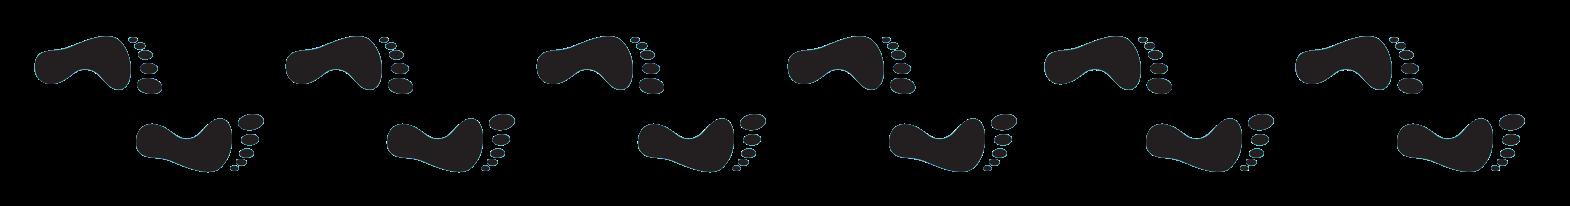 Kuku Yalanji Feet